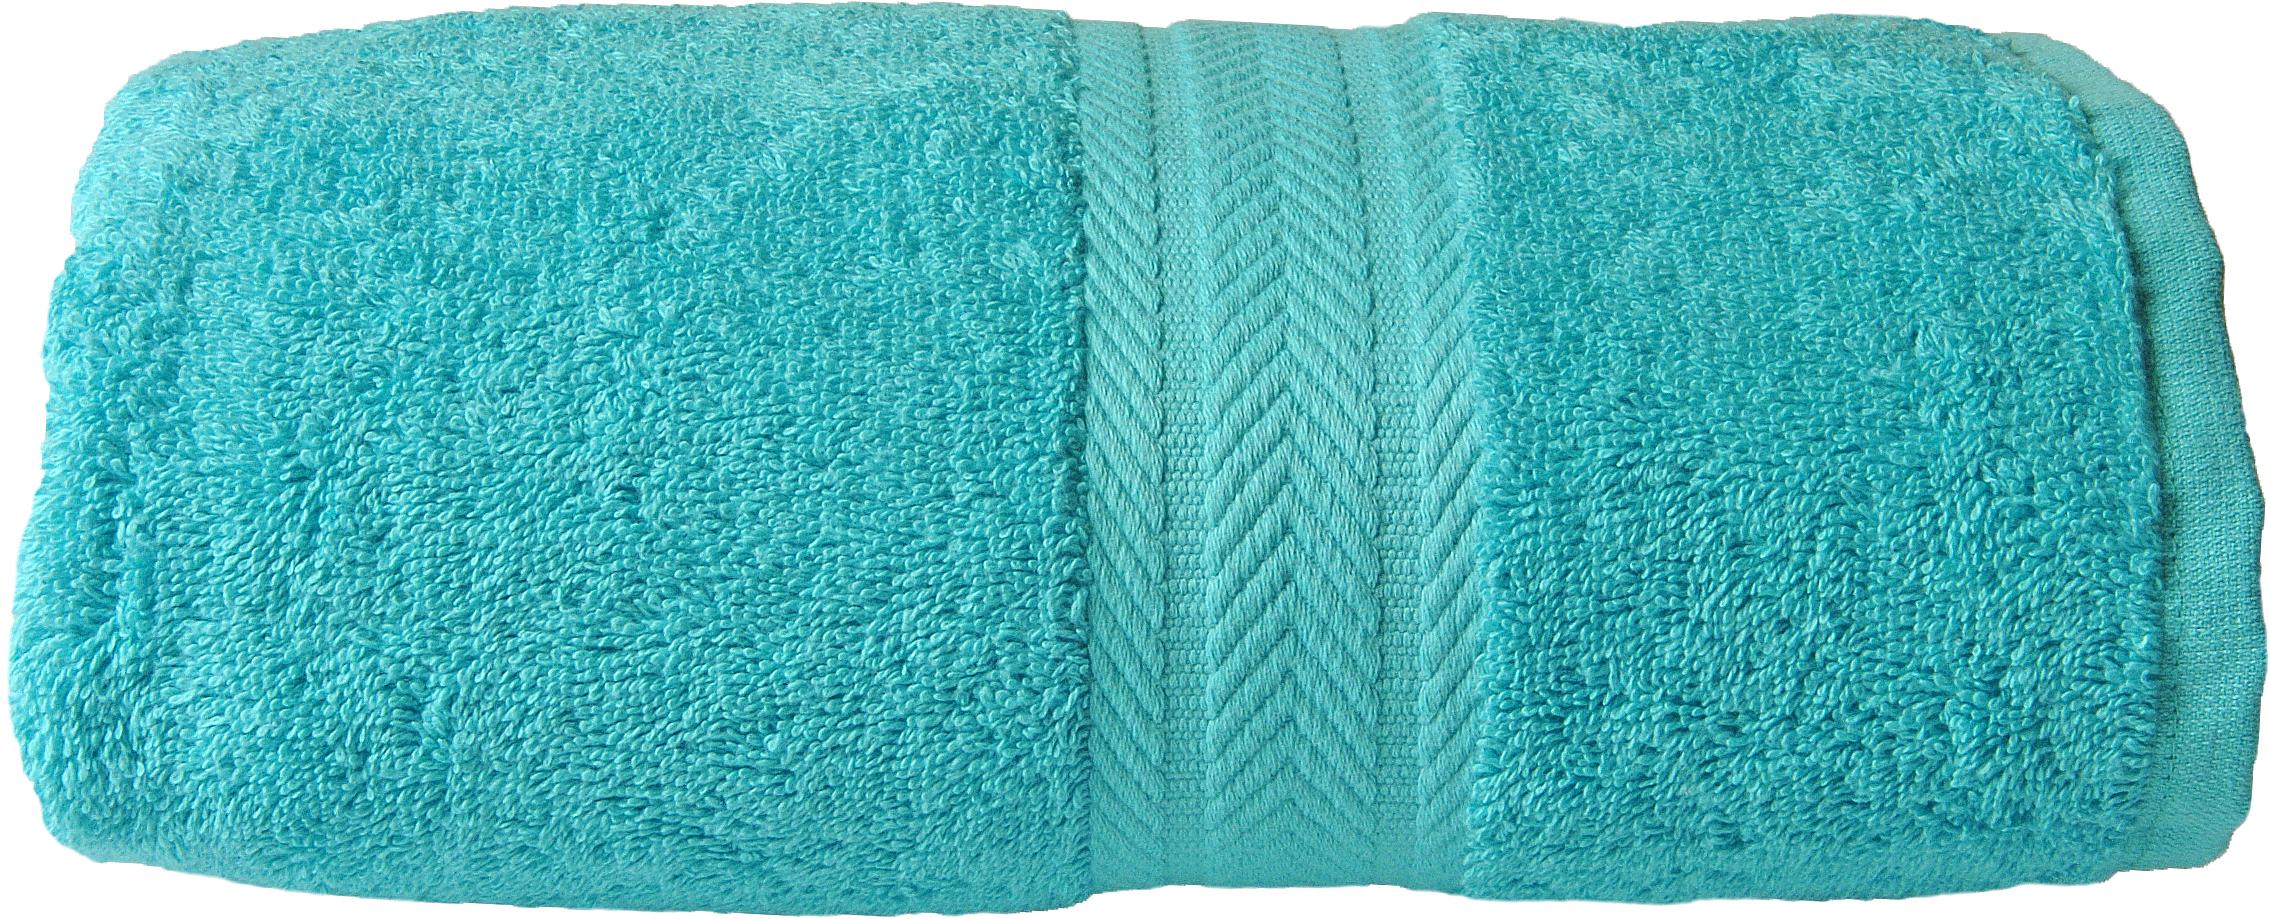 Drap de bain 100 x 150 cm en Coton couleur Bleu turquoise (Bleu ...